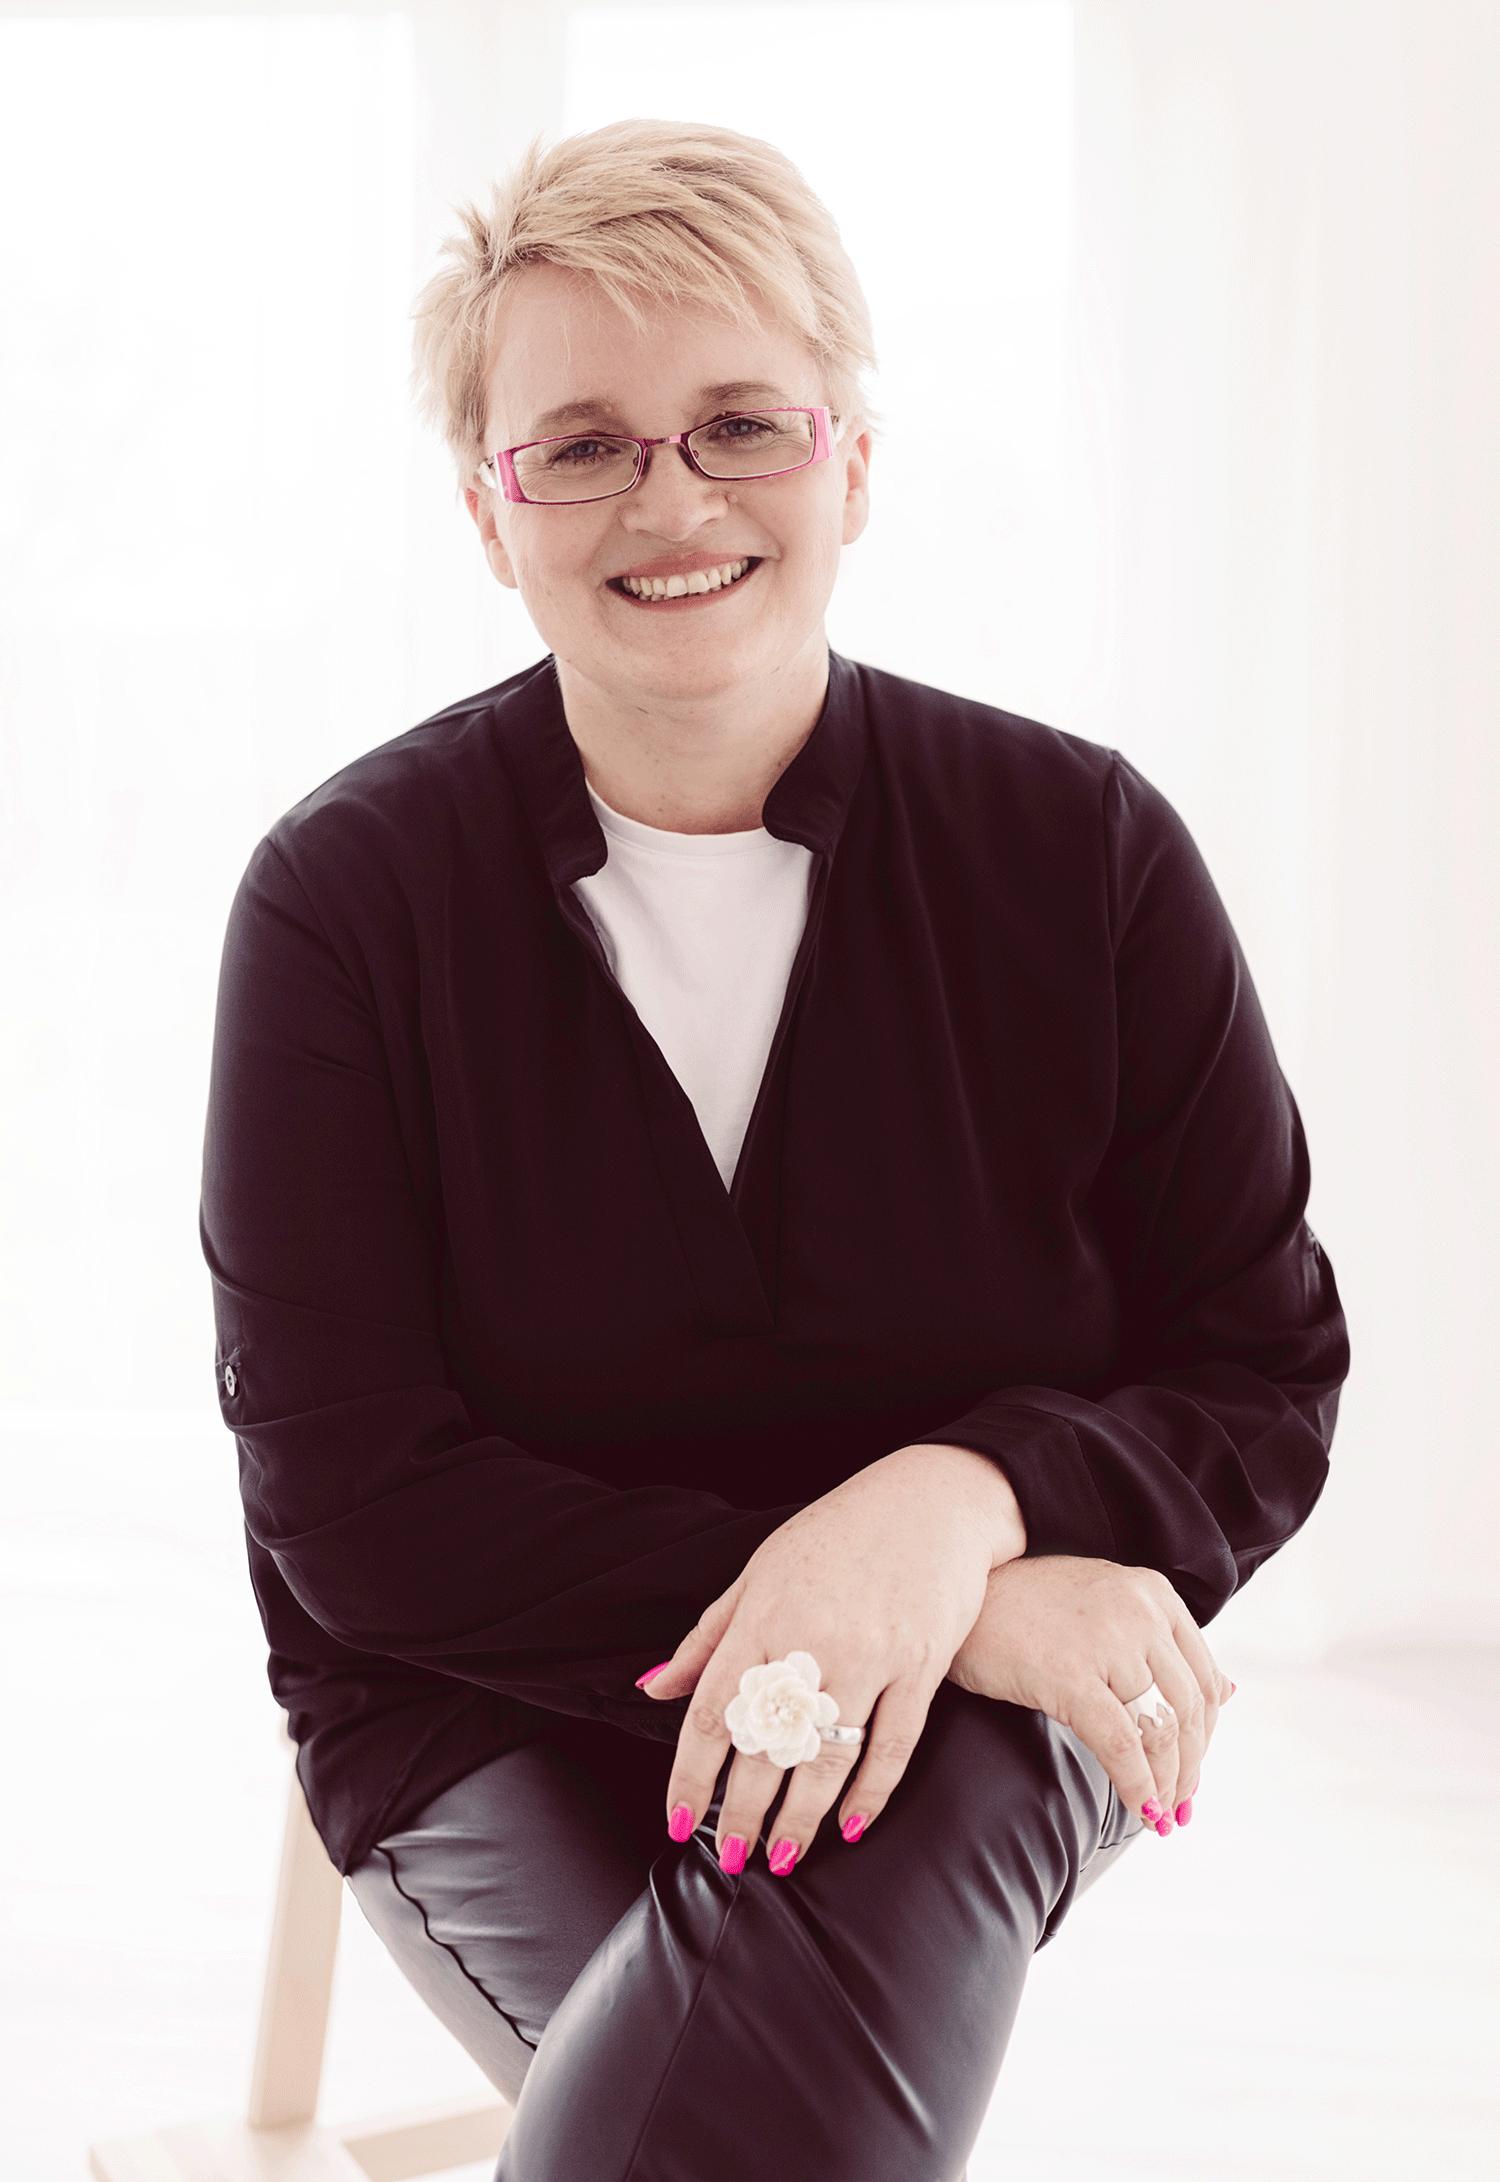 Susanne Welte